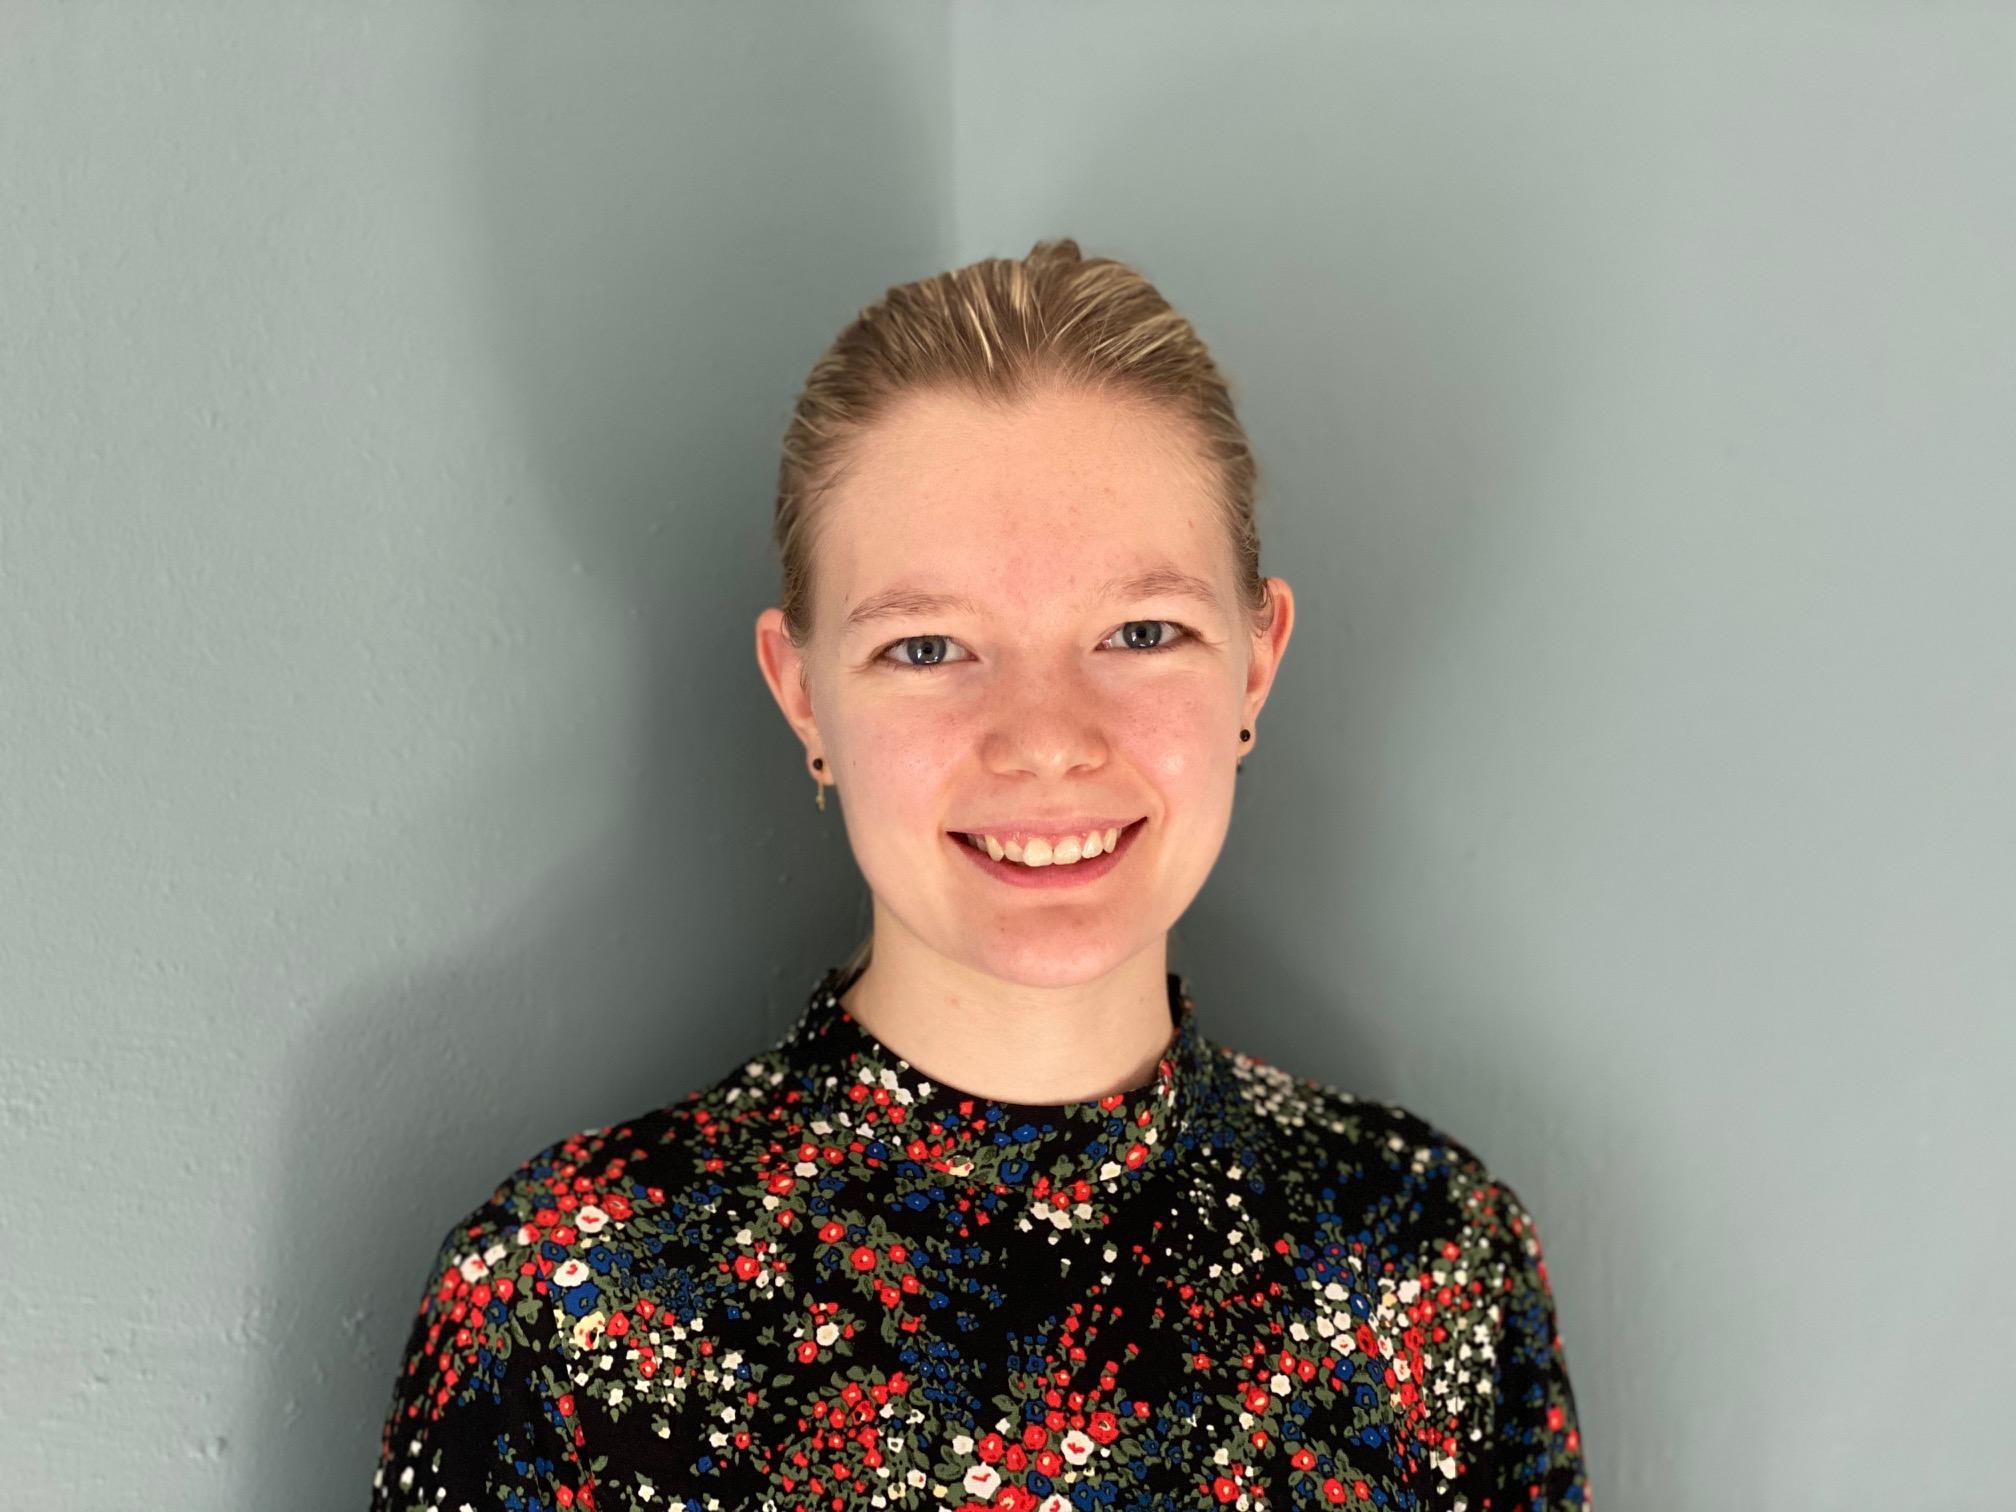 Anne Sophie Hækkerup